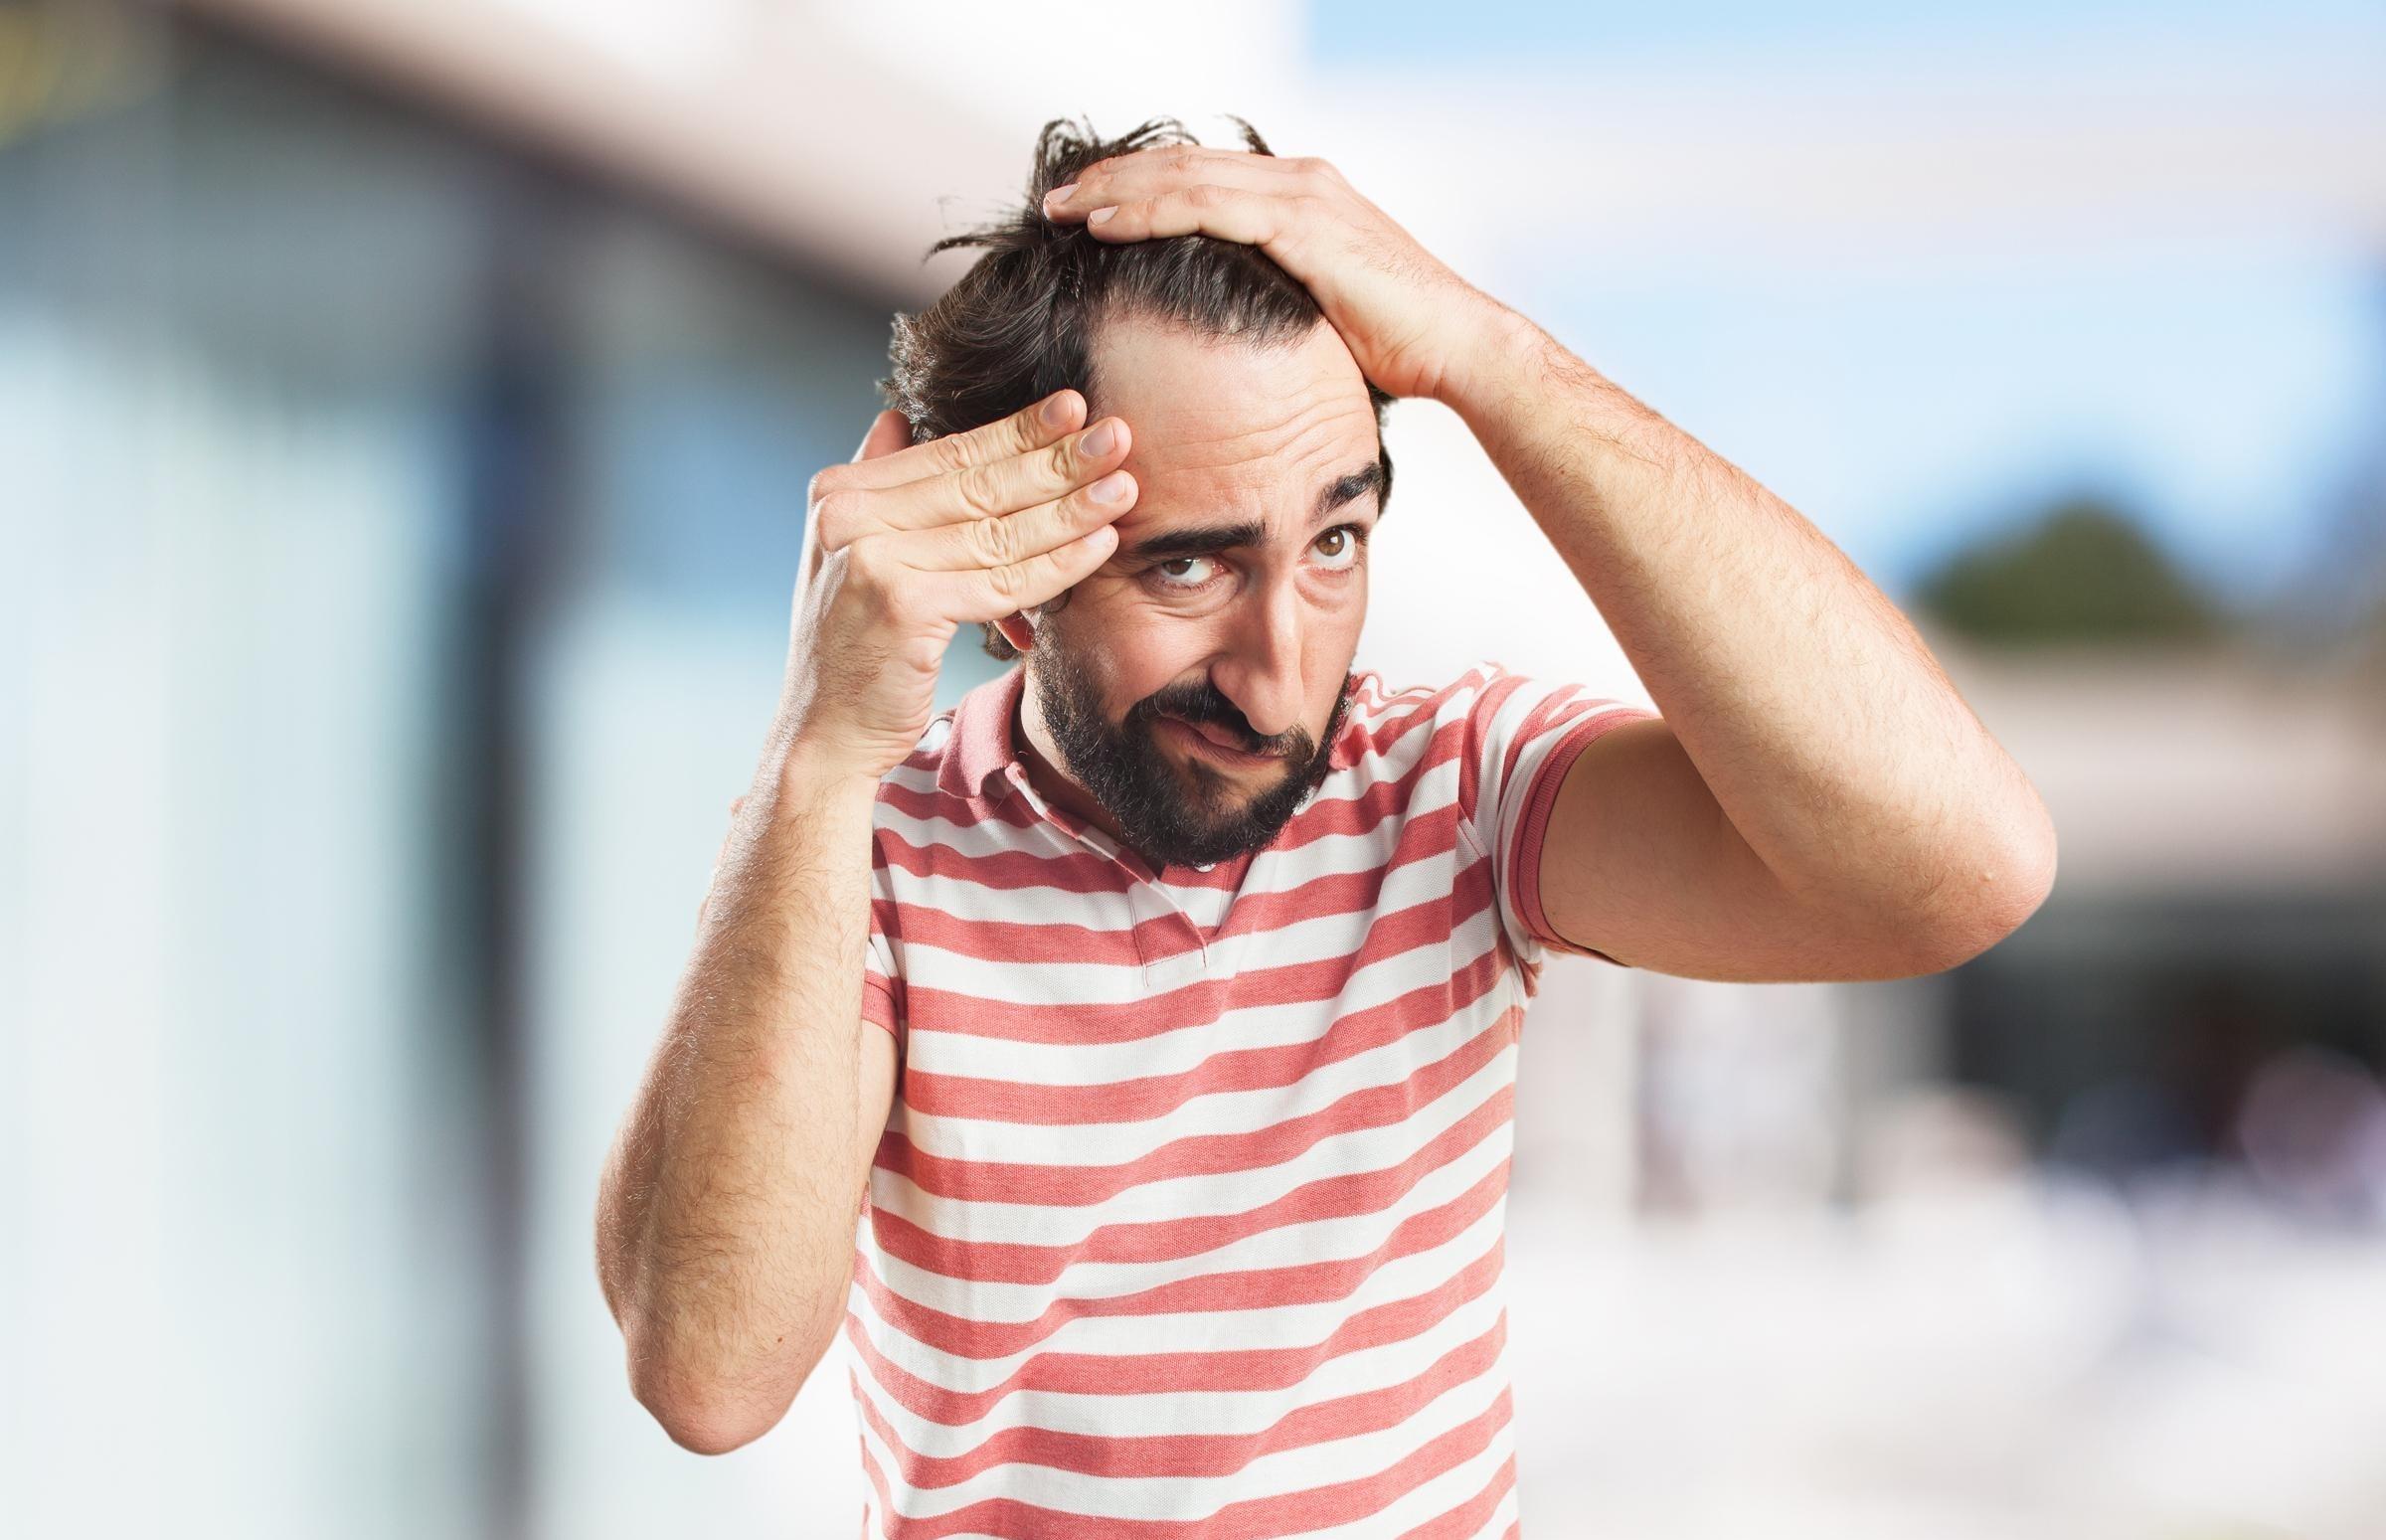 (P) Informaţii despre căderea părului şi soluţii pentru stimularea creșterii părului